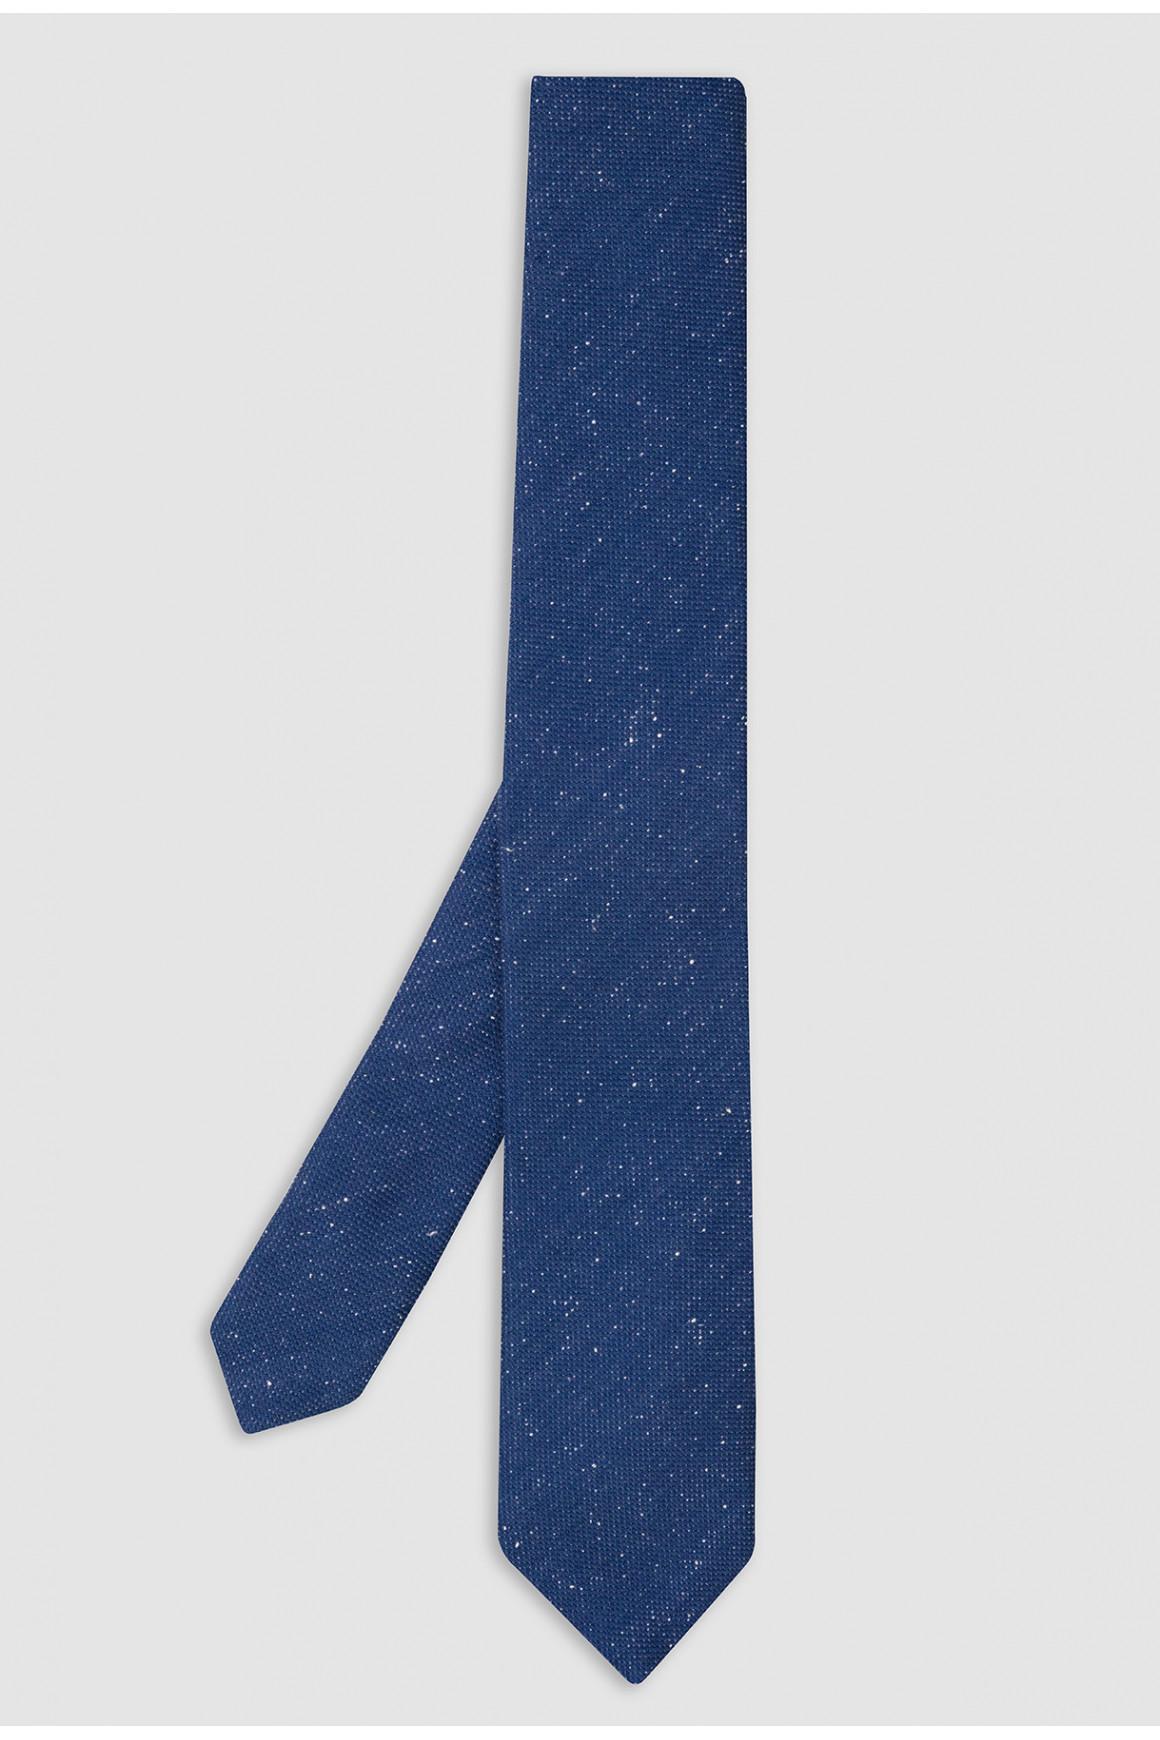 Cravate Bleu Laine Et Soie